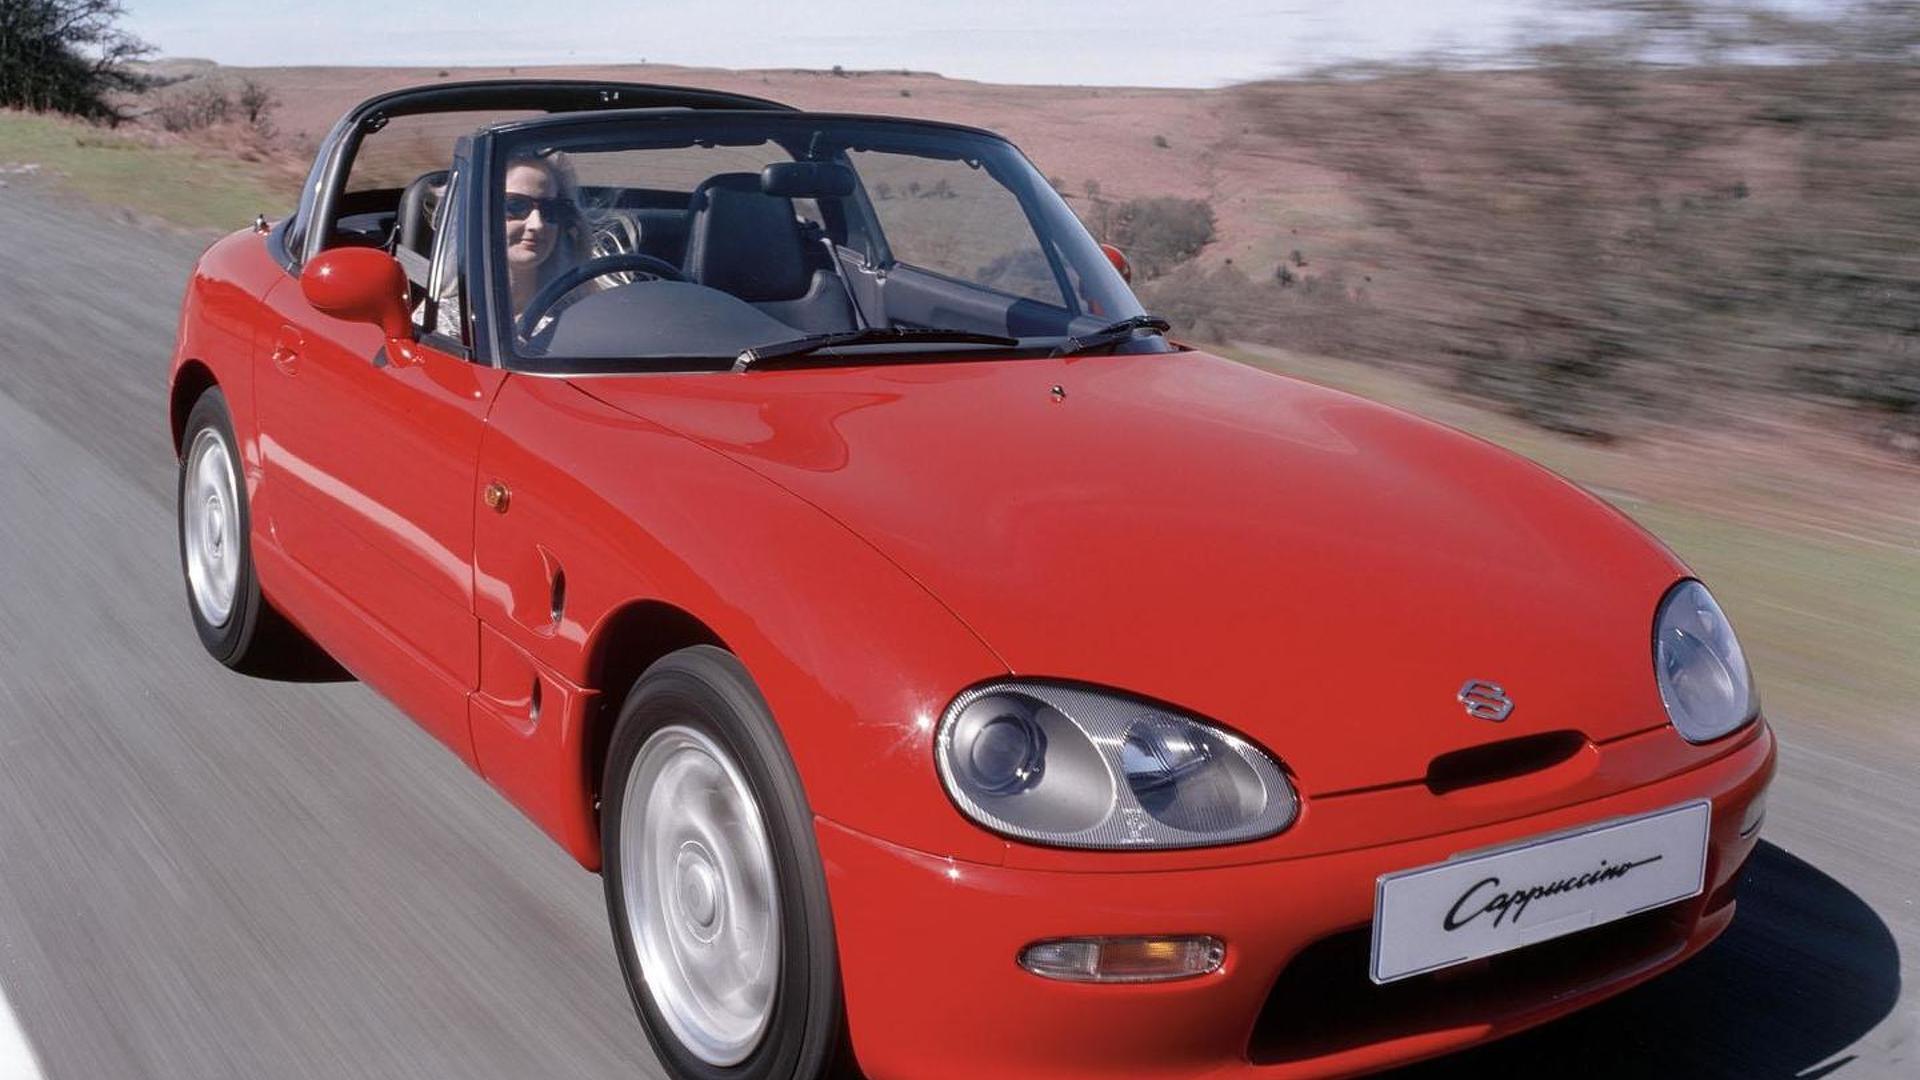 New Suzuki Cappuccino in the works - report